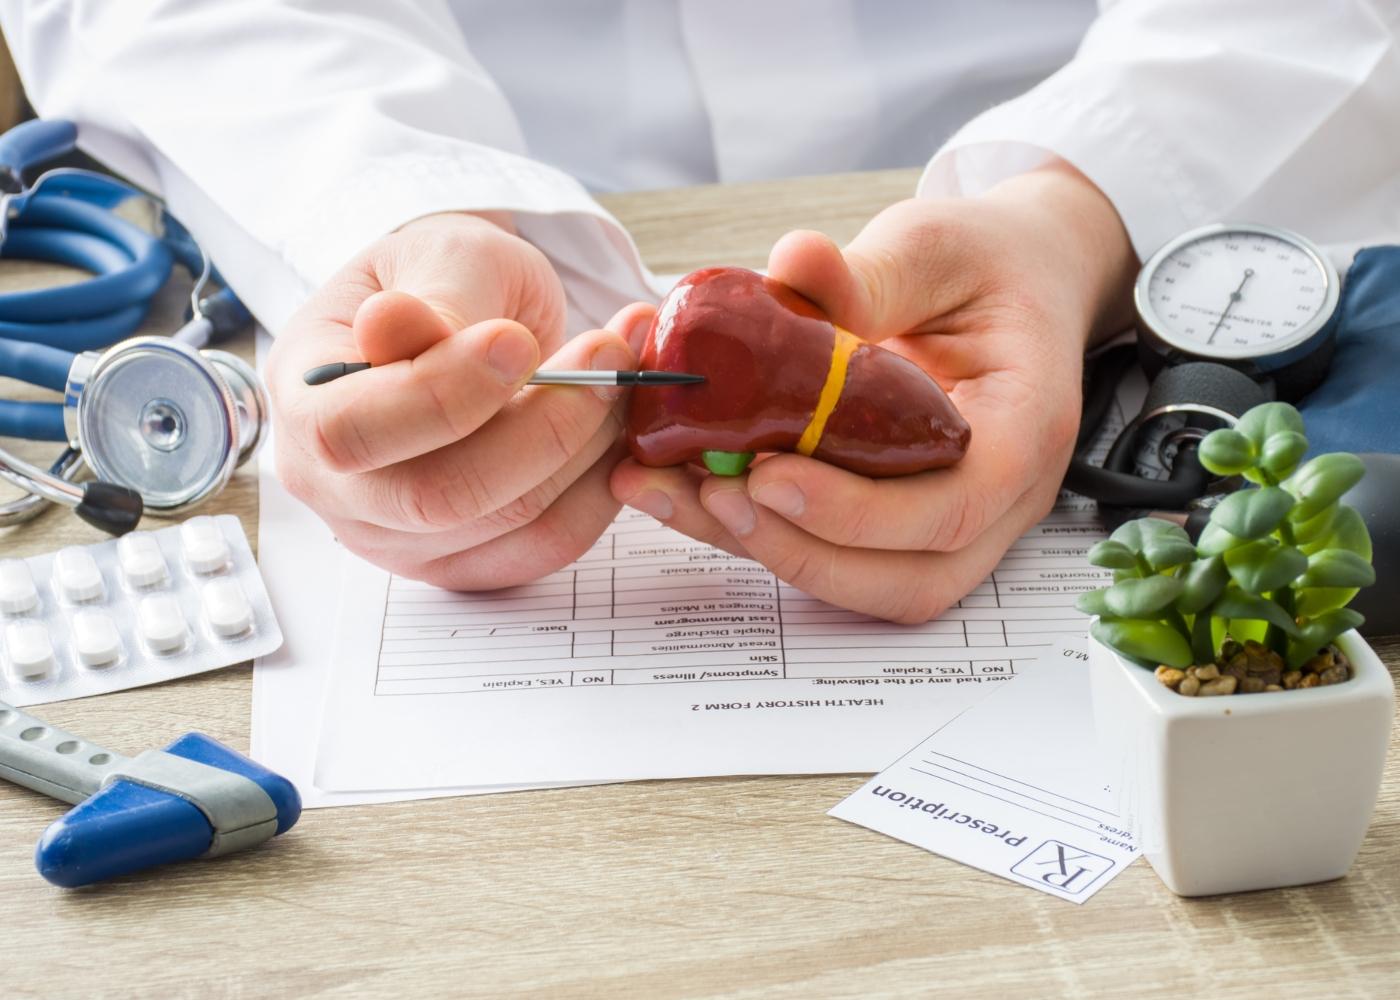 Médico a mostrar maquete de vesícula a paciente